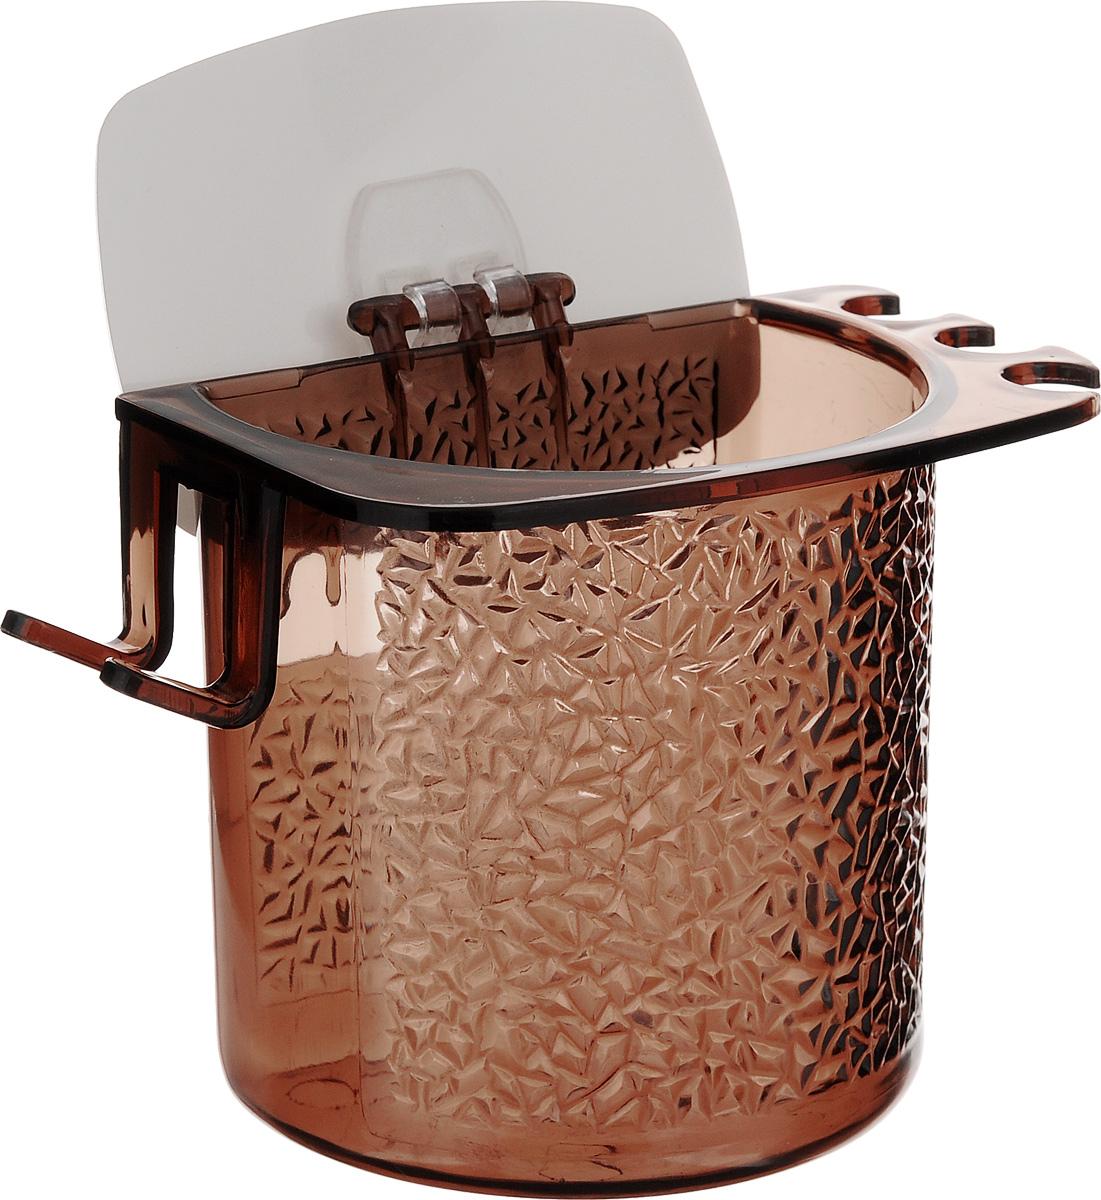 Стакан для ванной Fresh Code, на липкой основе, цвет: коричневый стакан для ванной fresh code бамбук цвет салатовый 500 мл